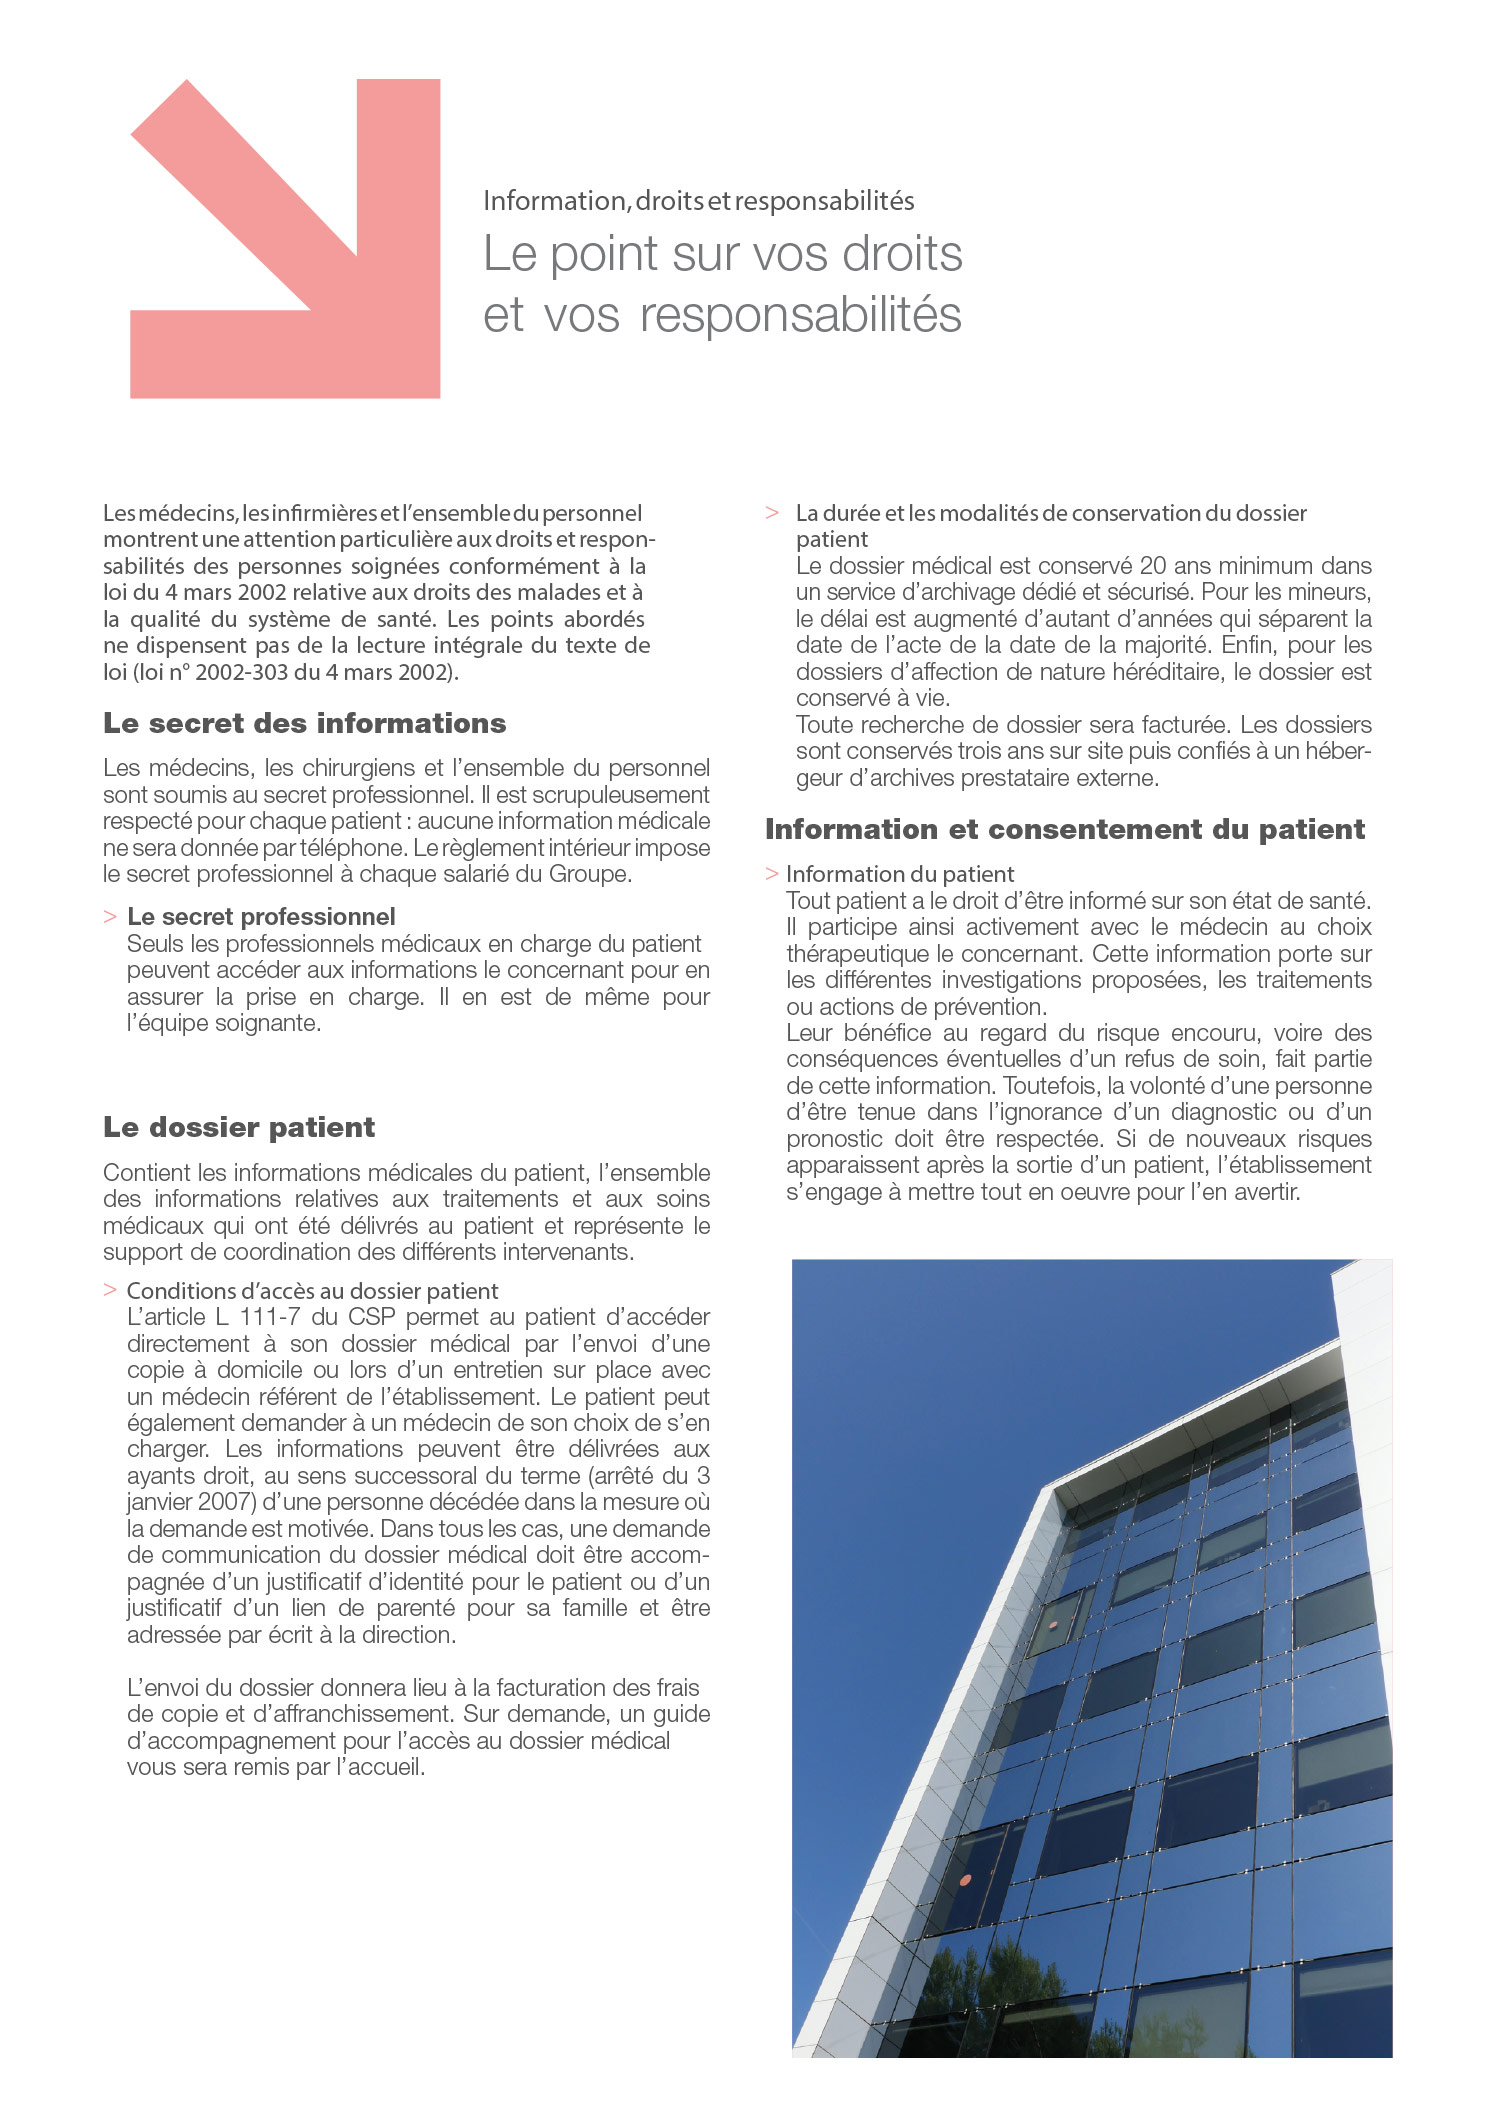 charte-du-patient-hospitalis